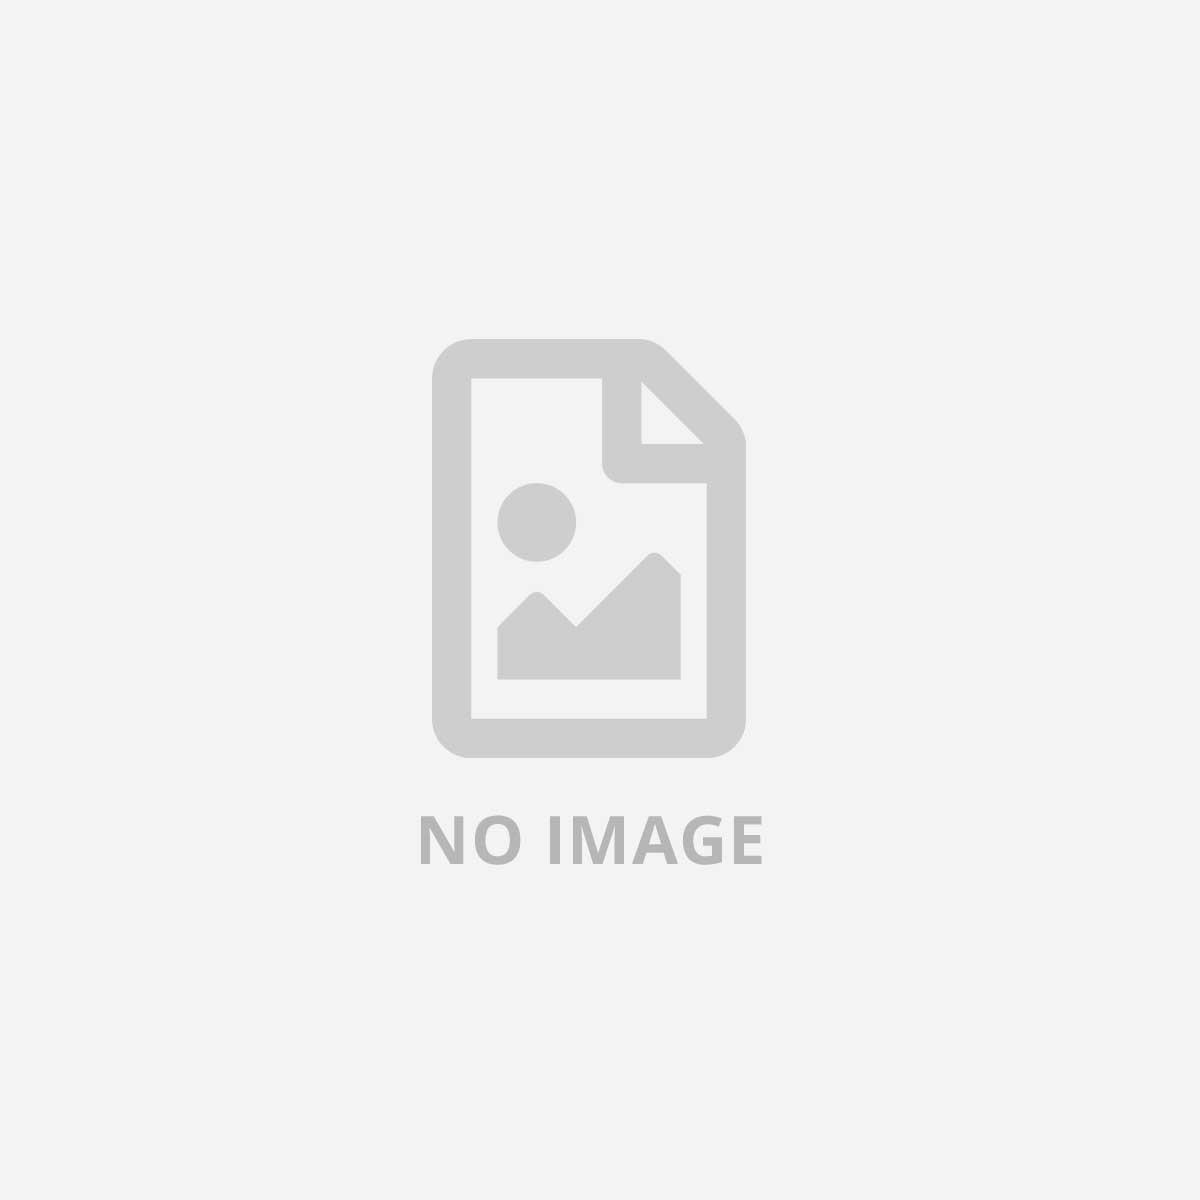 STARTECH SCHEDA AUDIO USB 7.1 SPDIF